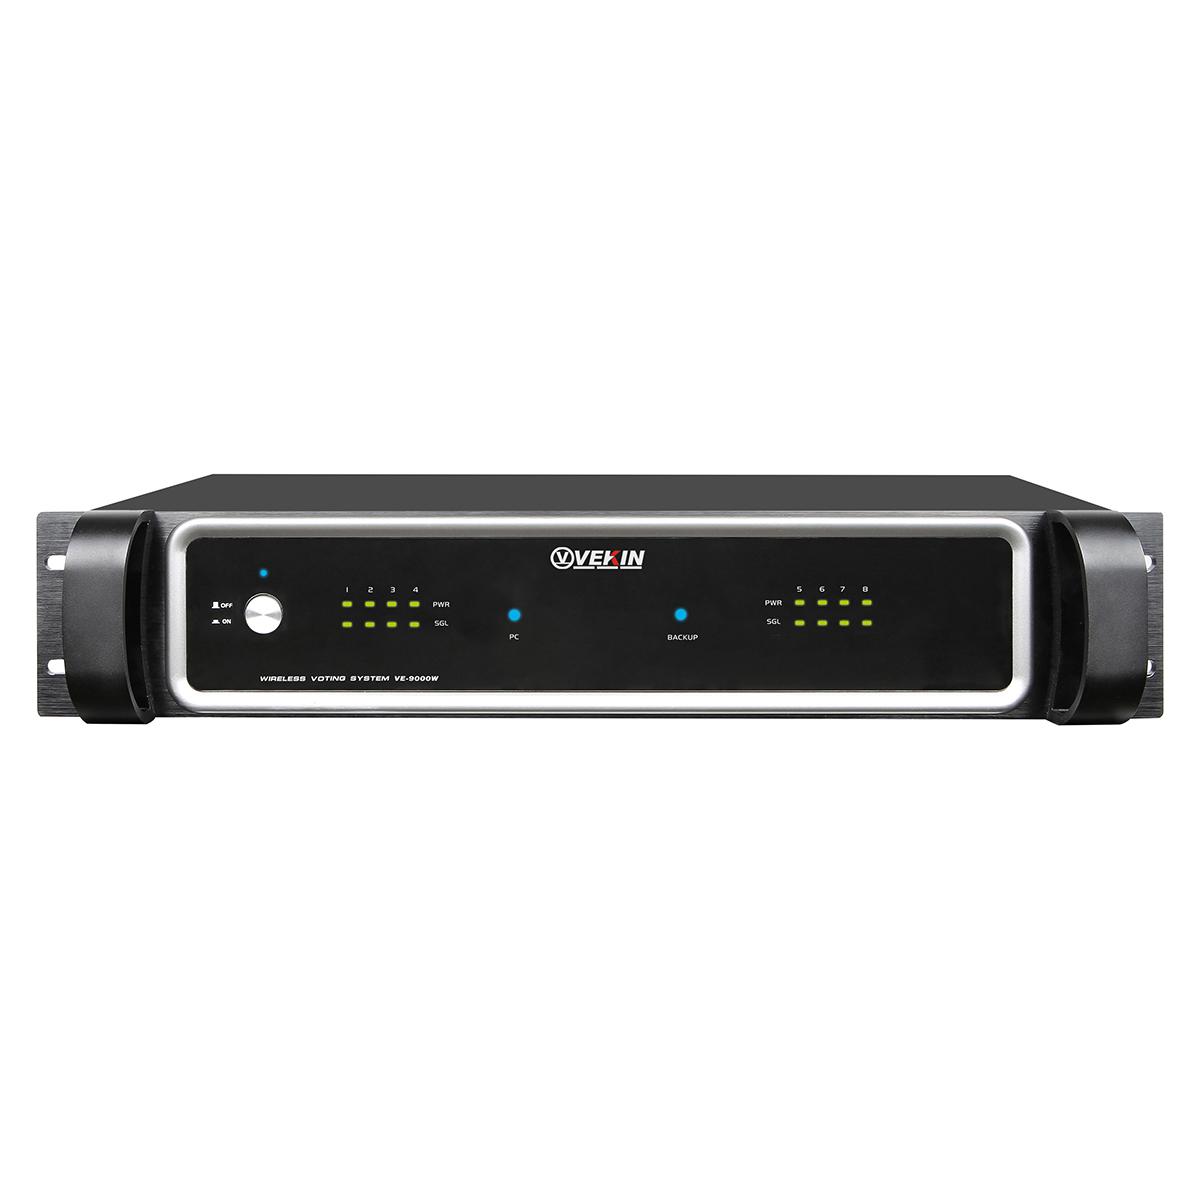 无线表决系统主控机 VE-9000W